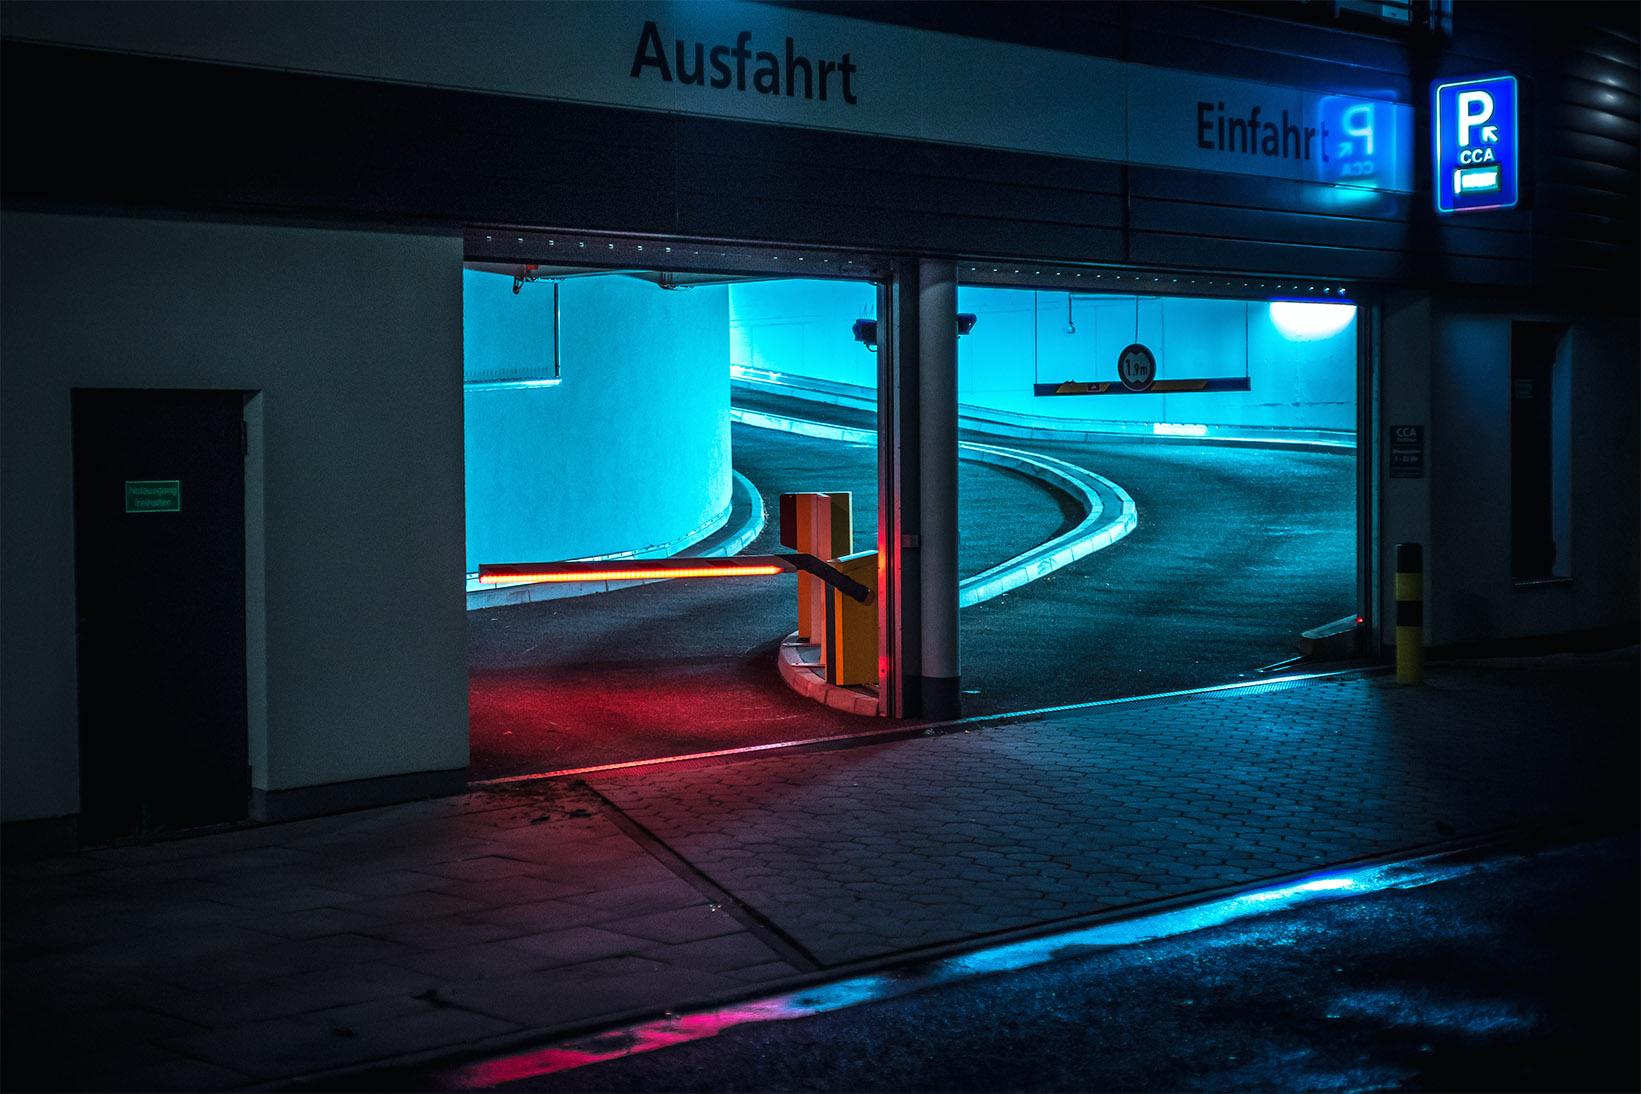 Красота в обыденном: ночной Гамбург в фотографиях Марка Бройера